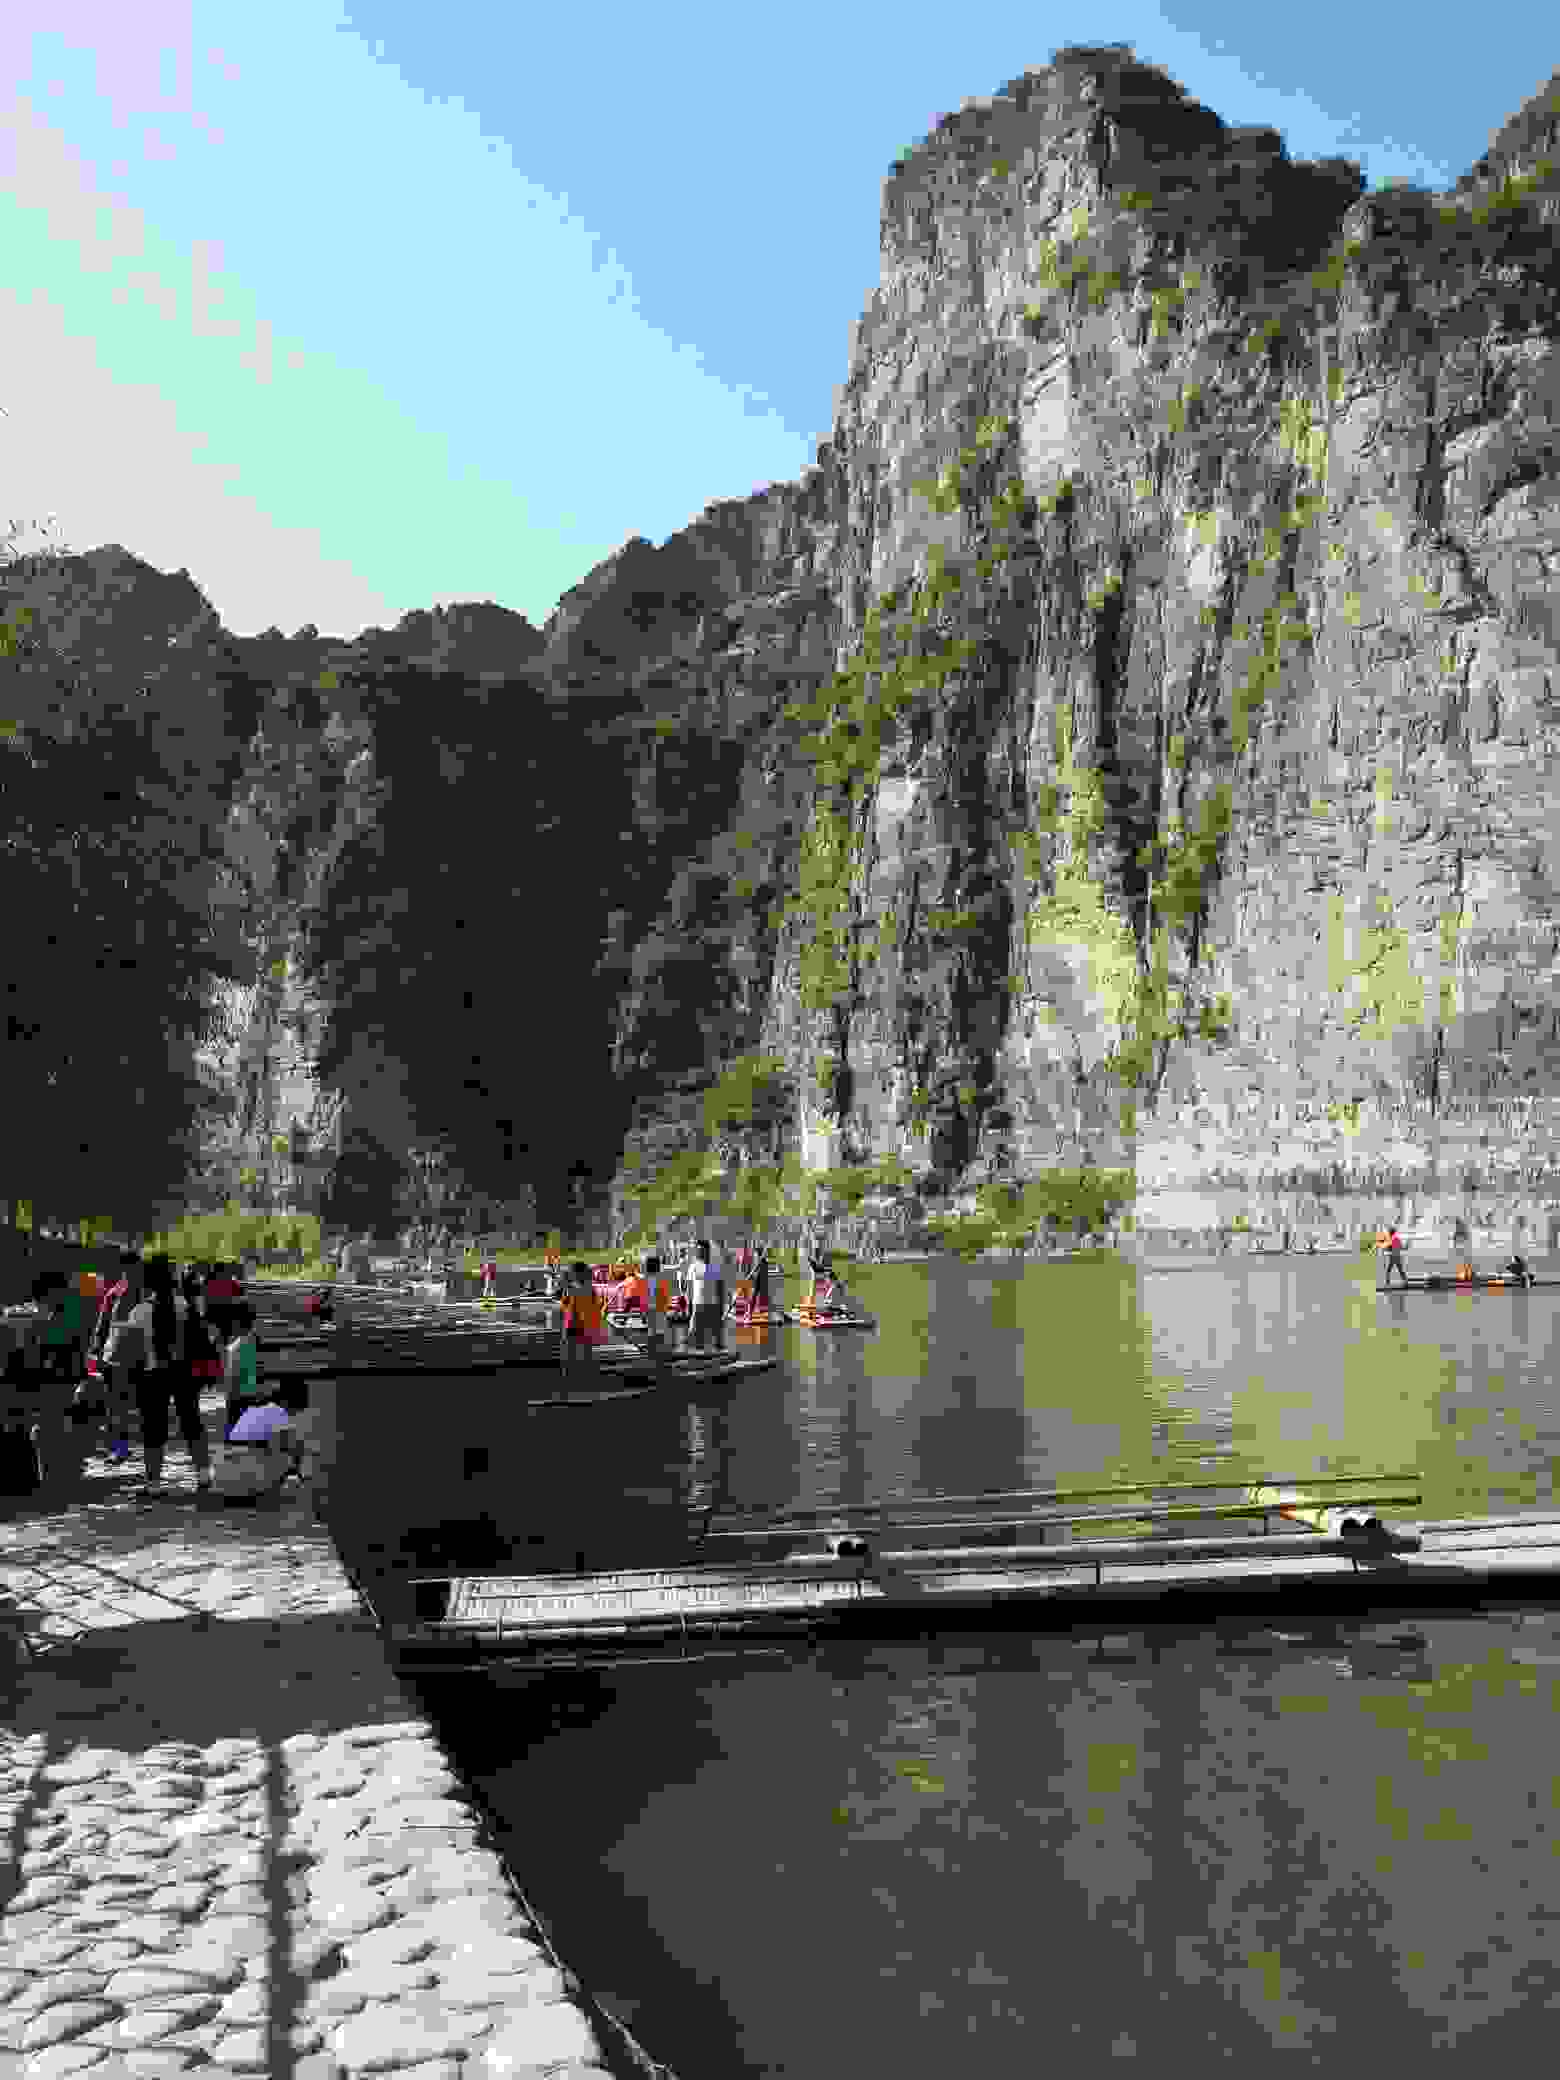 河北保定旅游景点_河北保定周边适合现在旅游的地方有哪些-保定旅游景点有哪些 ...